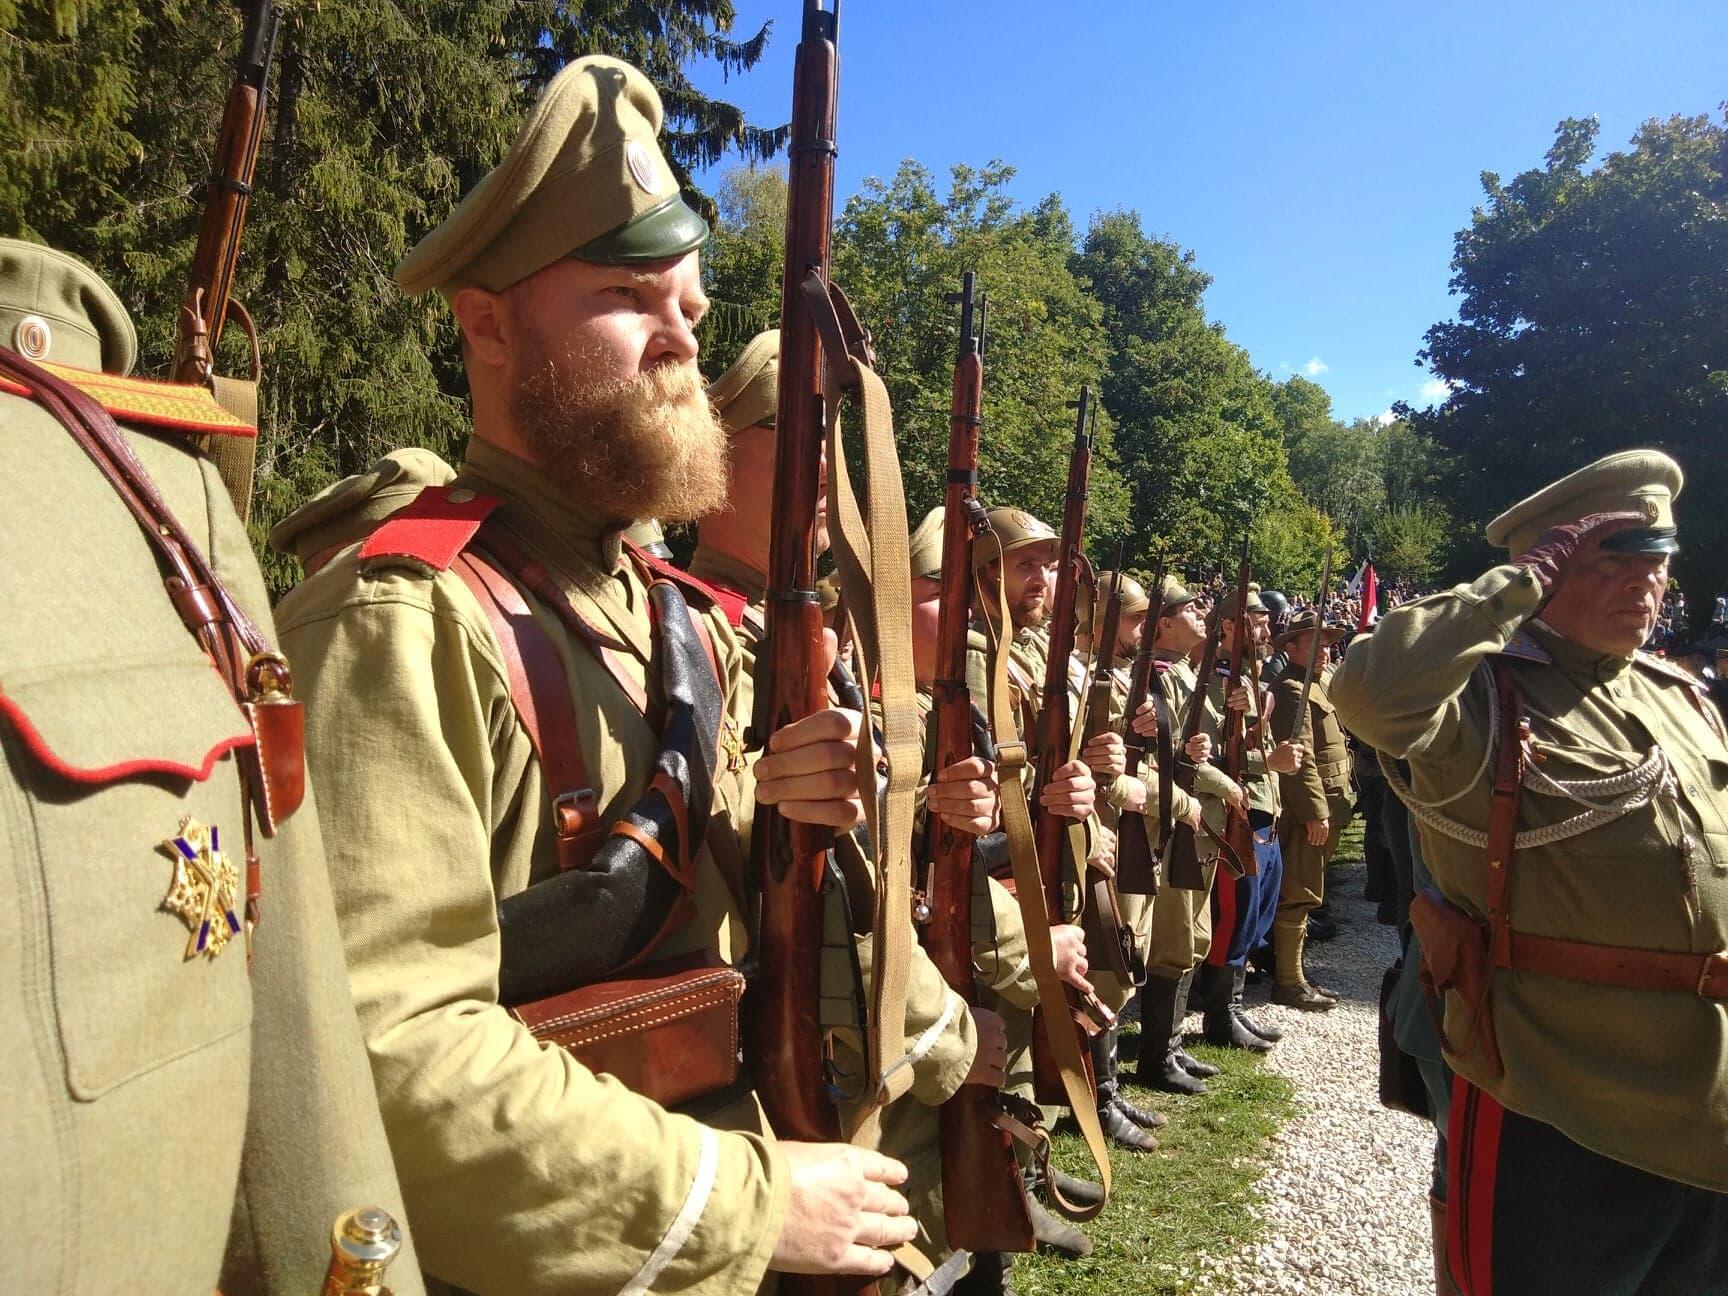 França celebrou o centenário do fim da Primeira Guerra Mundial com a reconstituição histórica da Batalha de Verdun, no leste da França, em 26 de agosto de 2018.